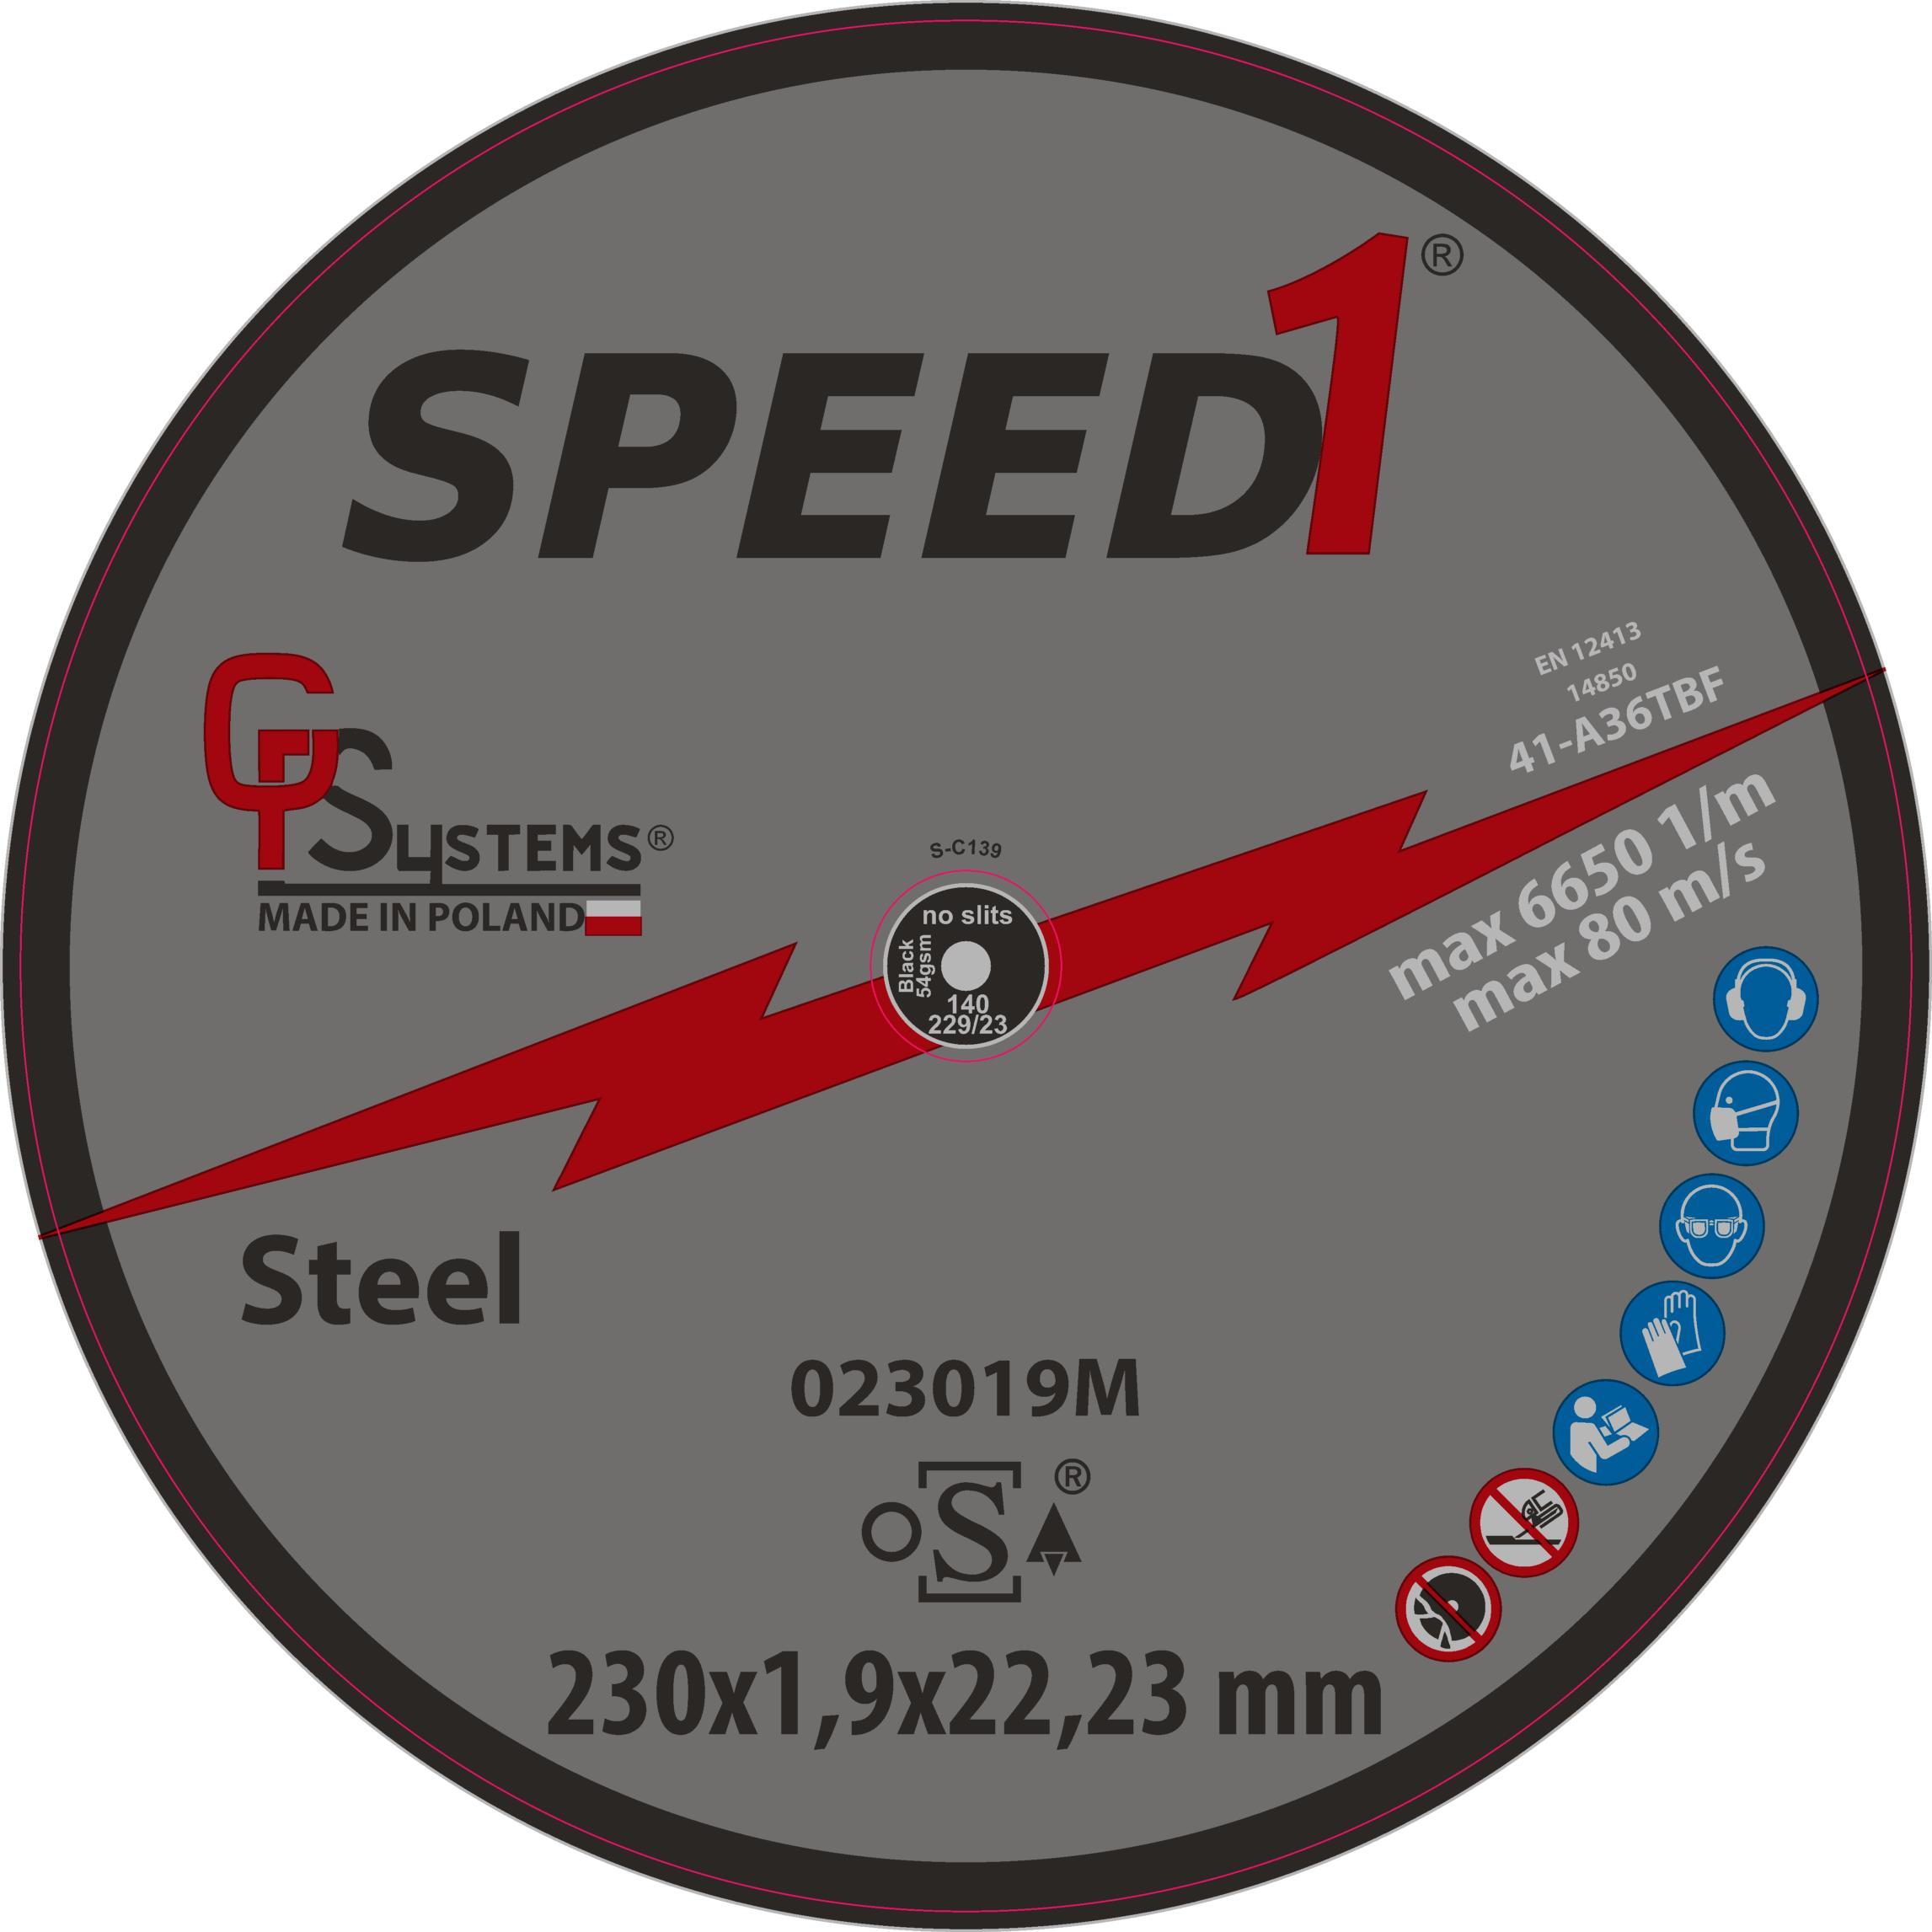 DachHolding gpsystems Speed1 - Tarcza do metalu 230x1,9x22,23 mm